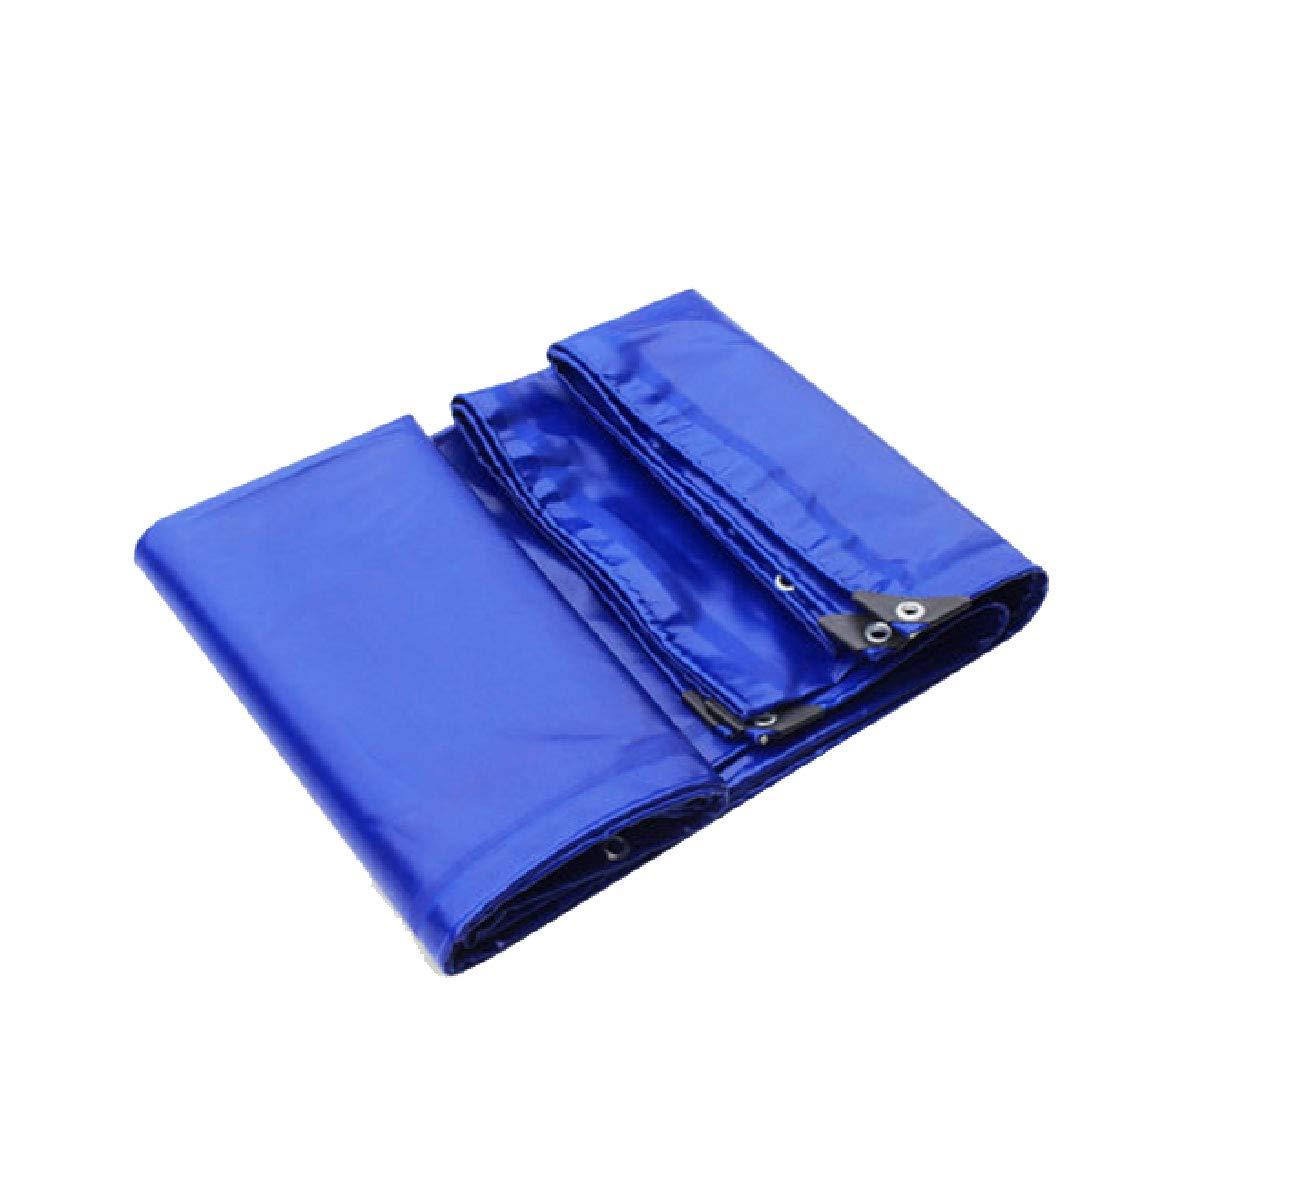 厚めの防水布防水布3つの抗布雨天のPVPコーティングされた布車の防水シートのキャンバスブルー高強度3 * 3ストランド無臭のタイトな引張防水と太陽に強い (サイズ さいず : 4 * 5m) 4*5m  B07JD5XKXX